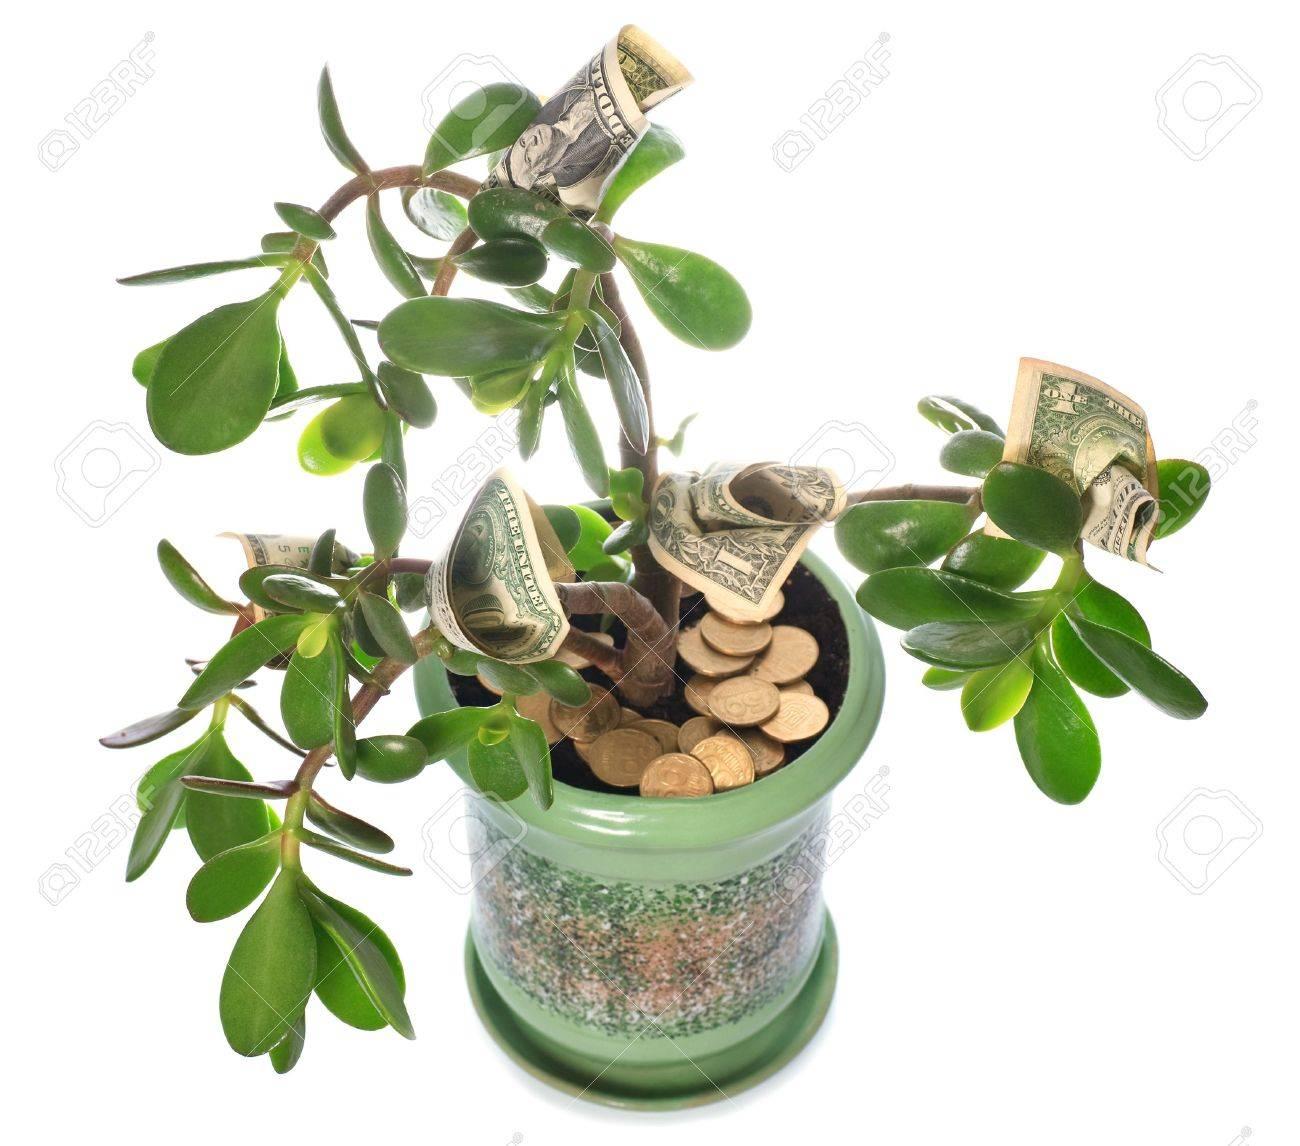 Albero Della Fortuna Pianta in vaso pianta casa crassula con il dollaro in forma di fiore isolata on  white. questa pianta è conosciuta per essere un grande ricchezza fortuna  feng